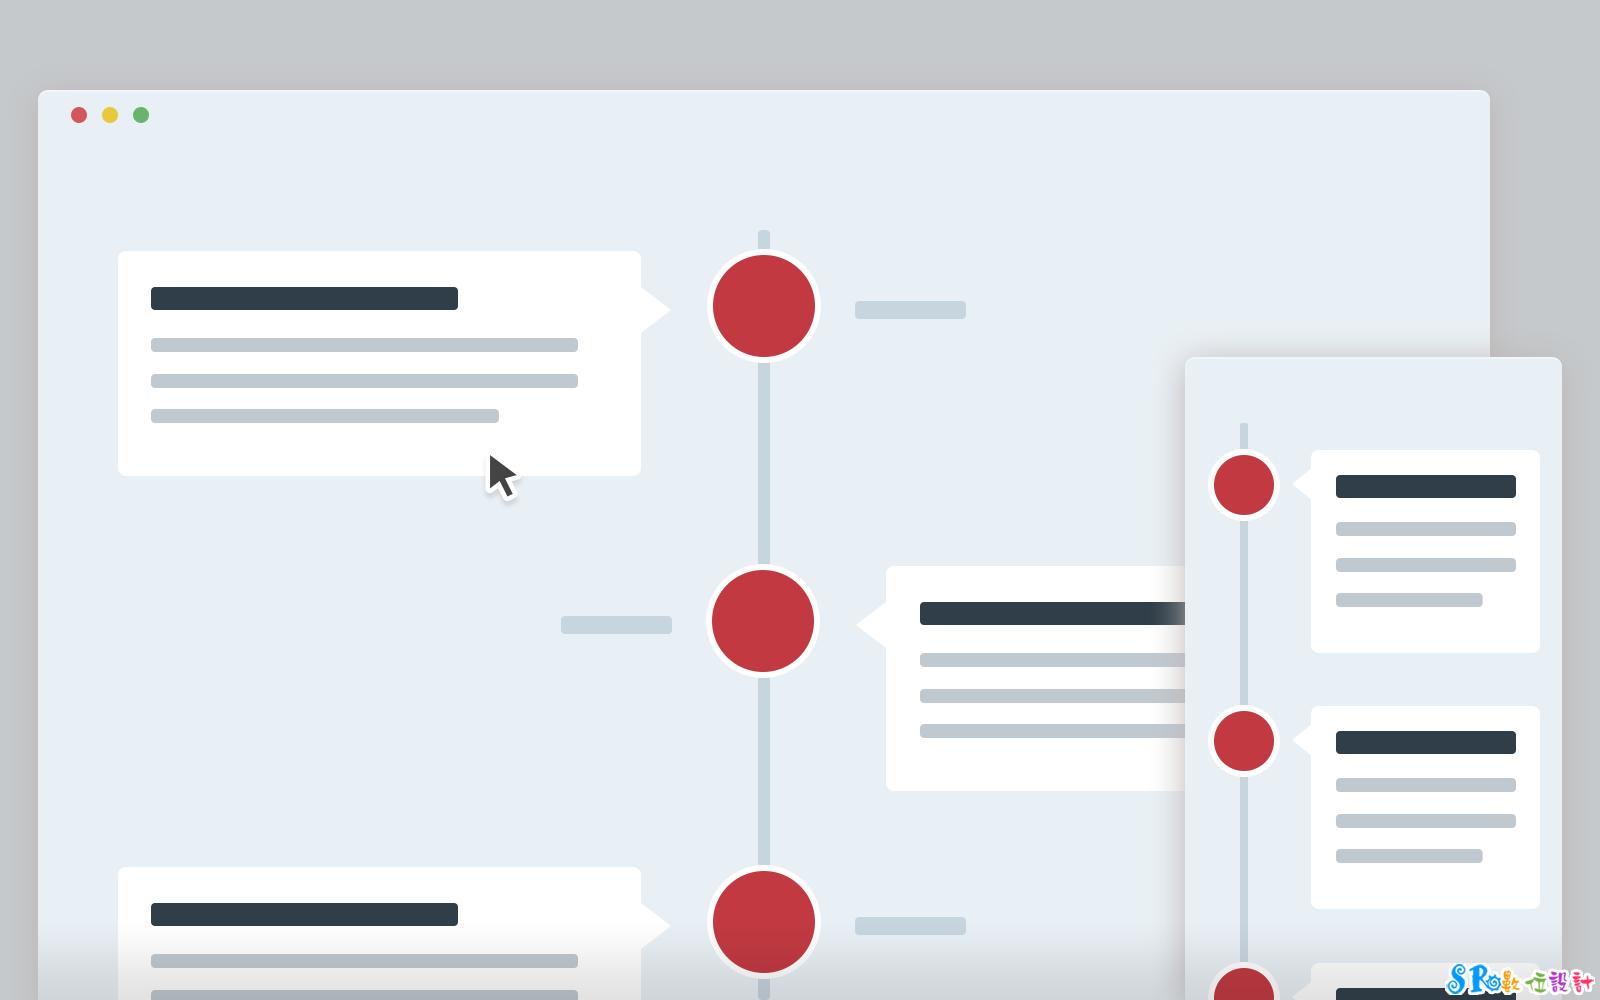 网页设计仿fb时光轴js网站效果 (支援响应式)图片